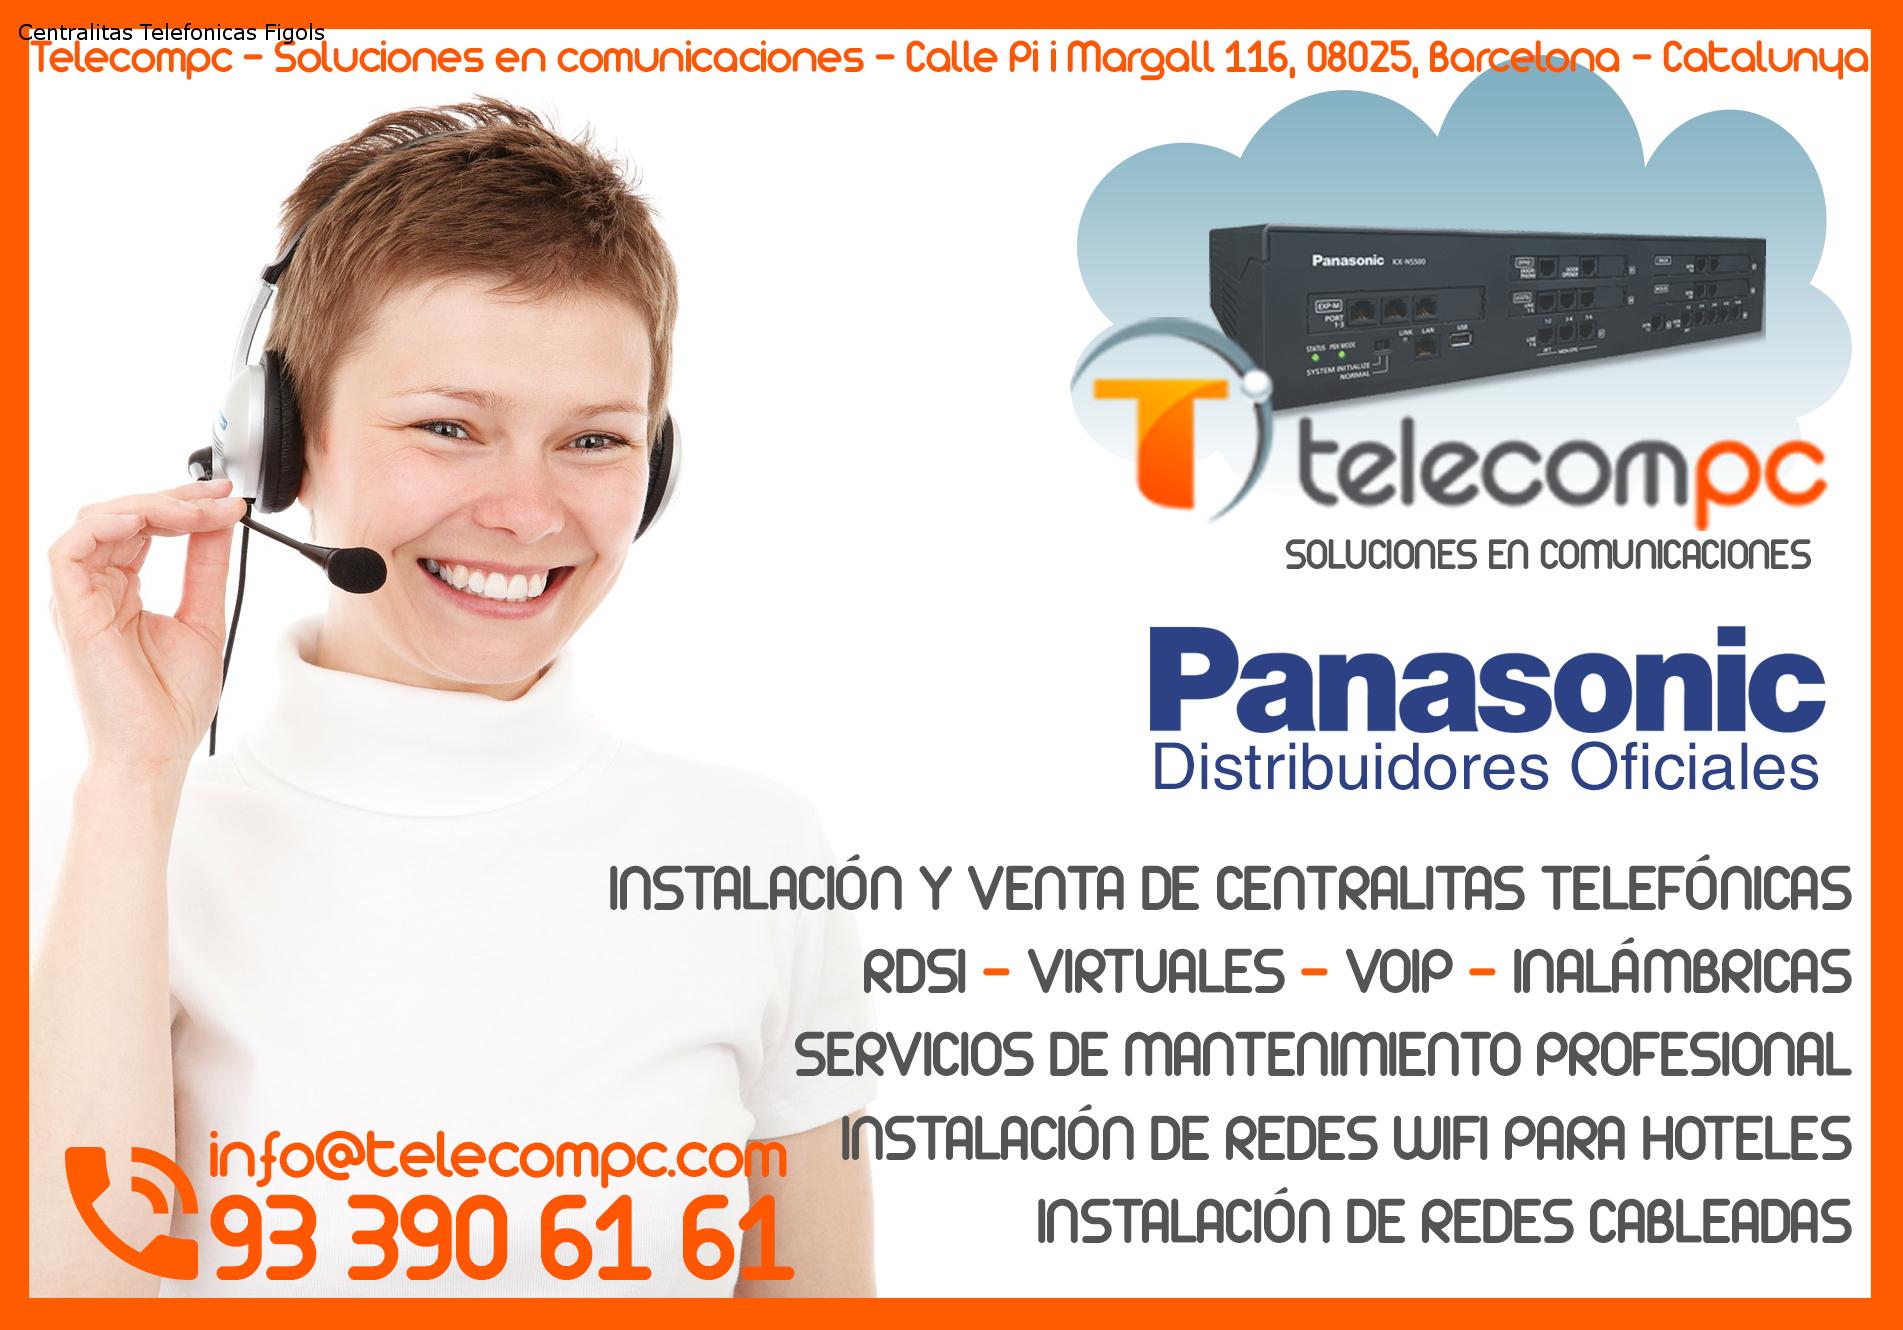 Centralitas Telefonicas Figols